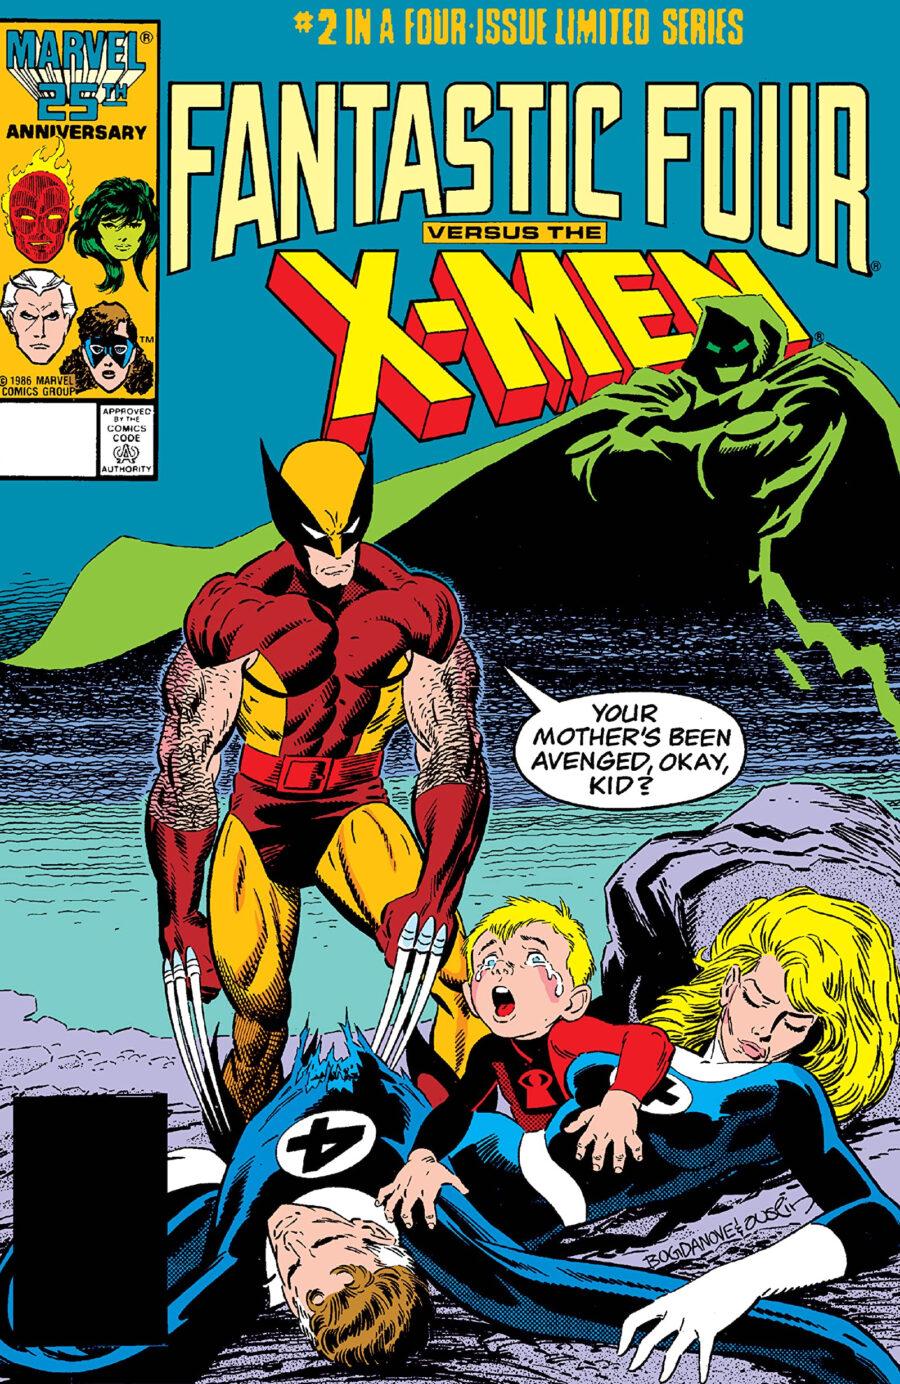 fantastic four versus x-men comic